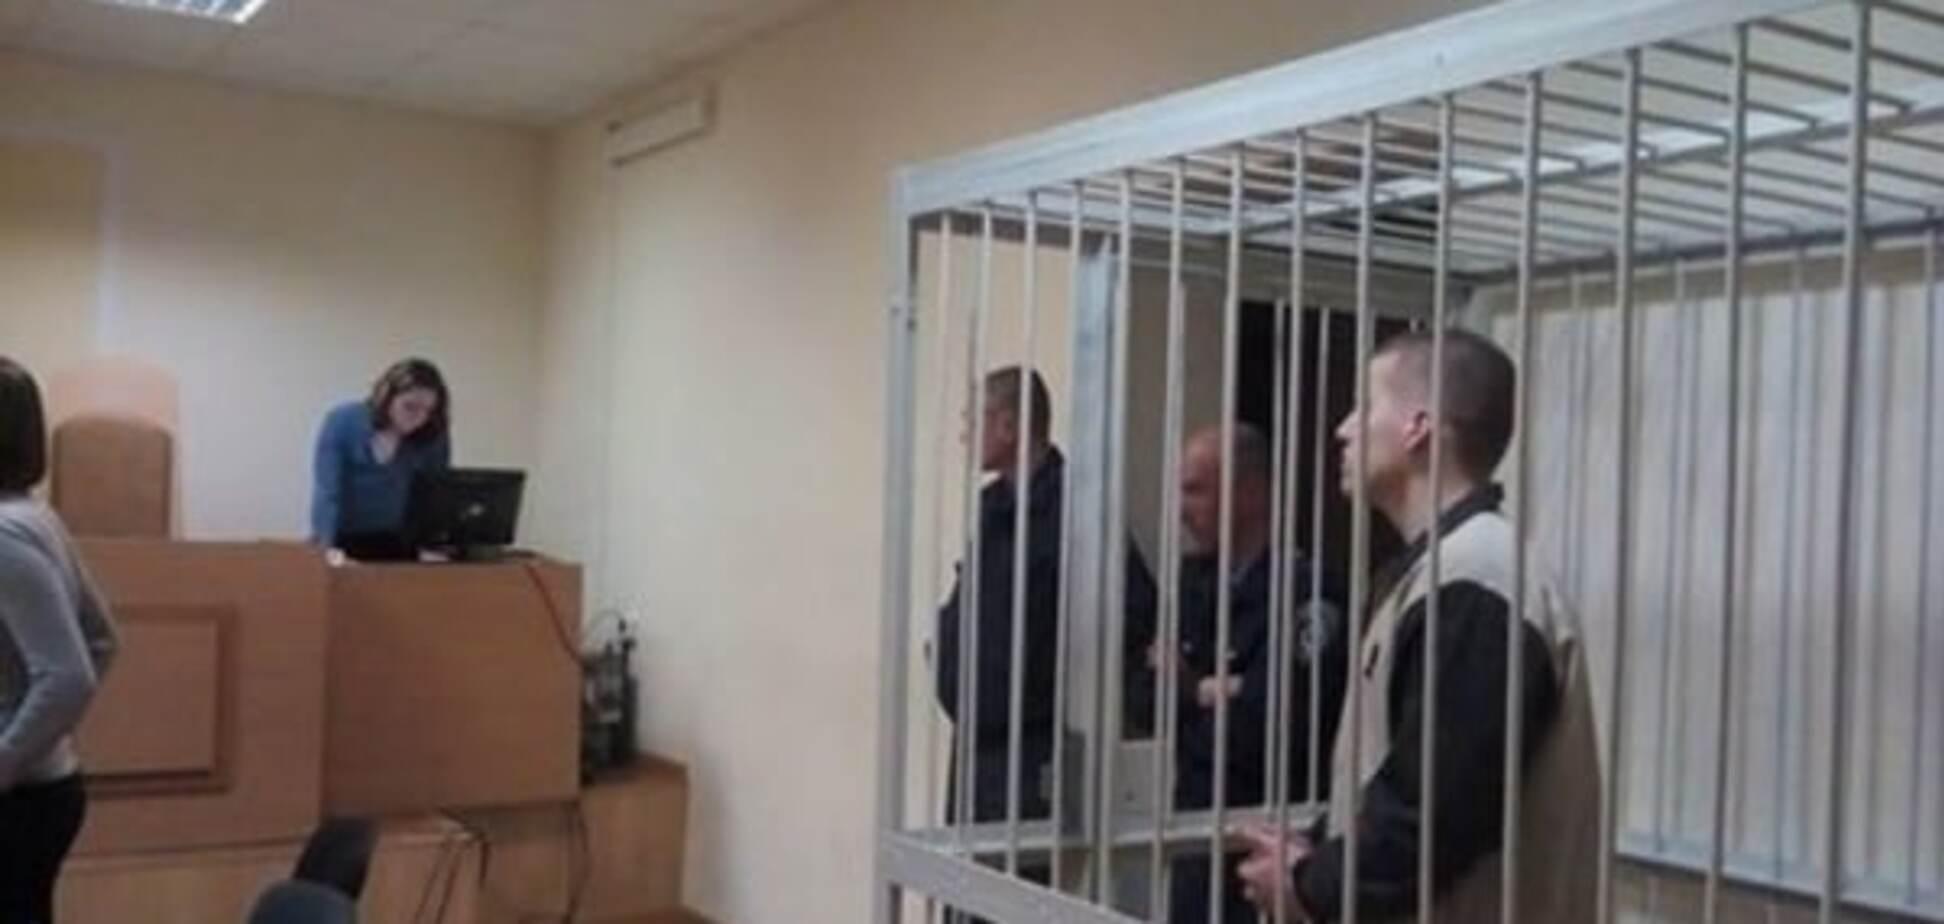 Бійня під Радою: суд ухвалив рішення щодо заарештованого волонтера